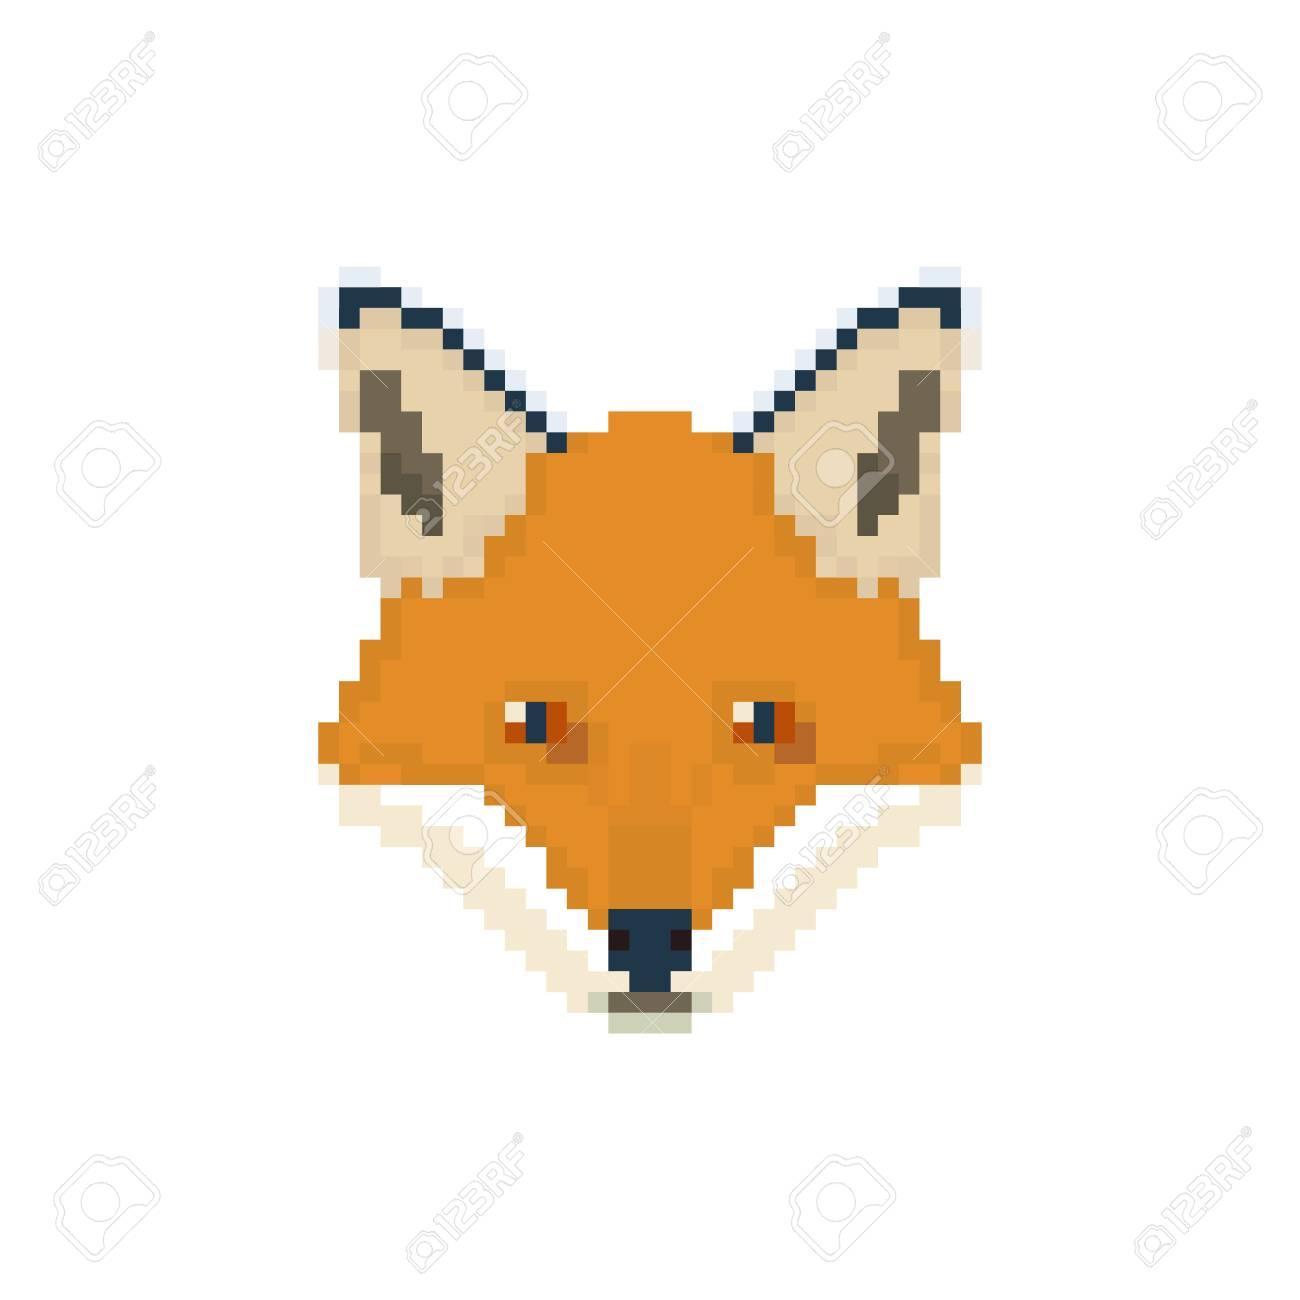 Tête De Renard Dans Le Style Pixel Art Illustration De Vecteur Animal Sauvage